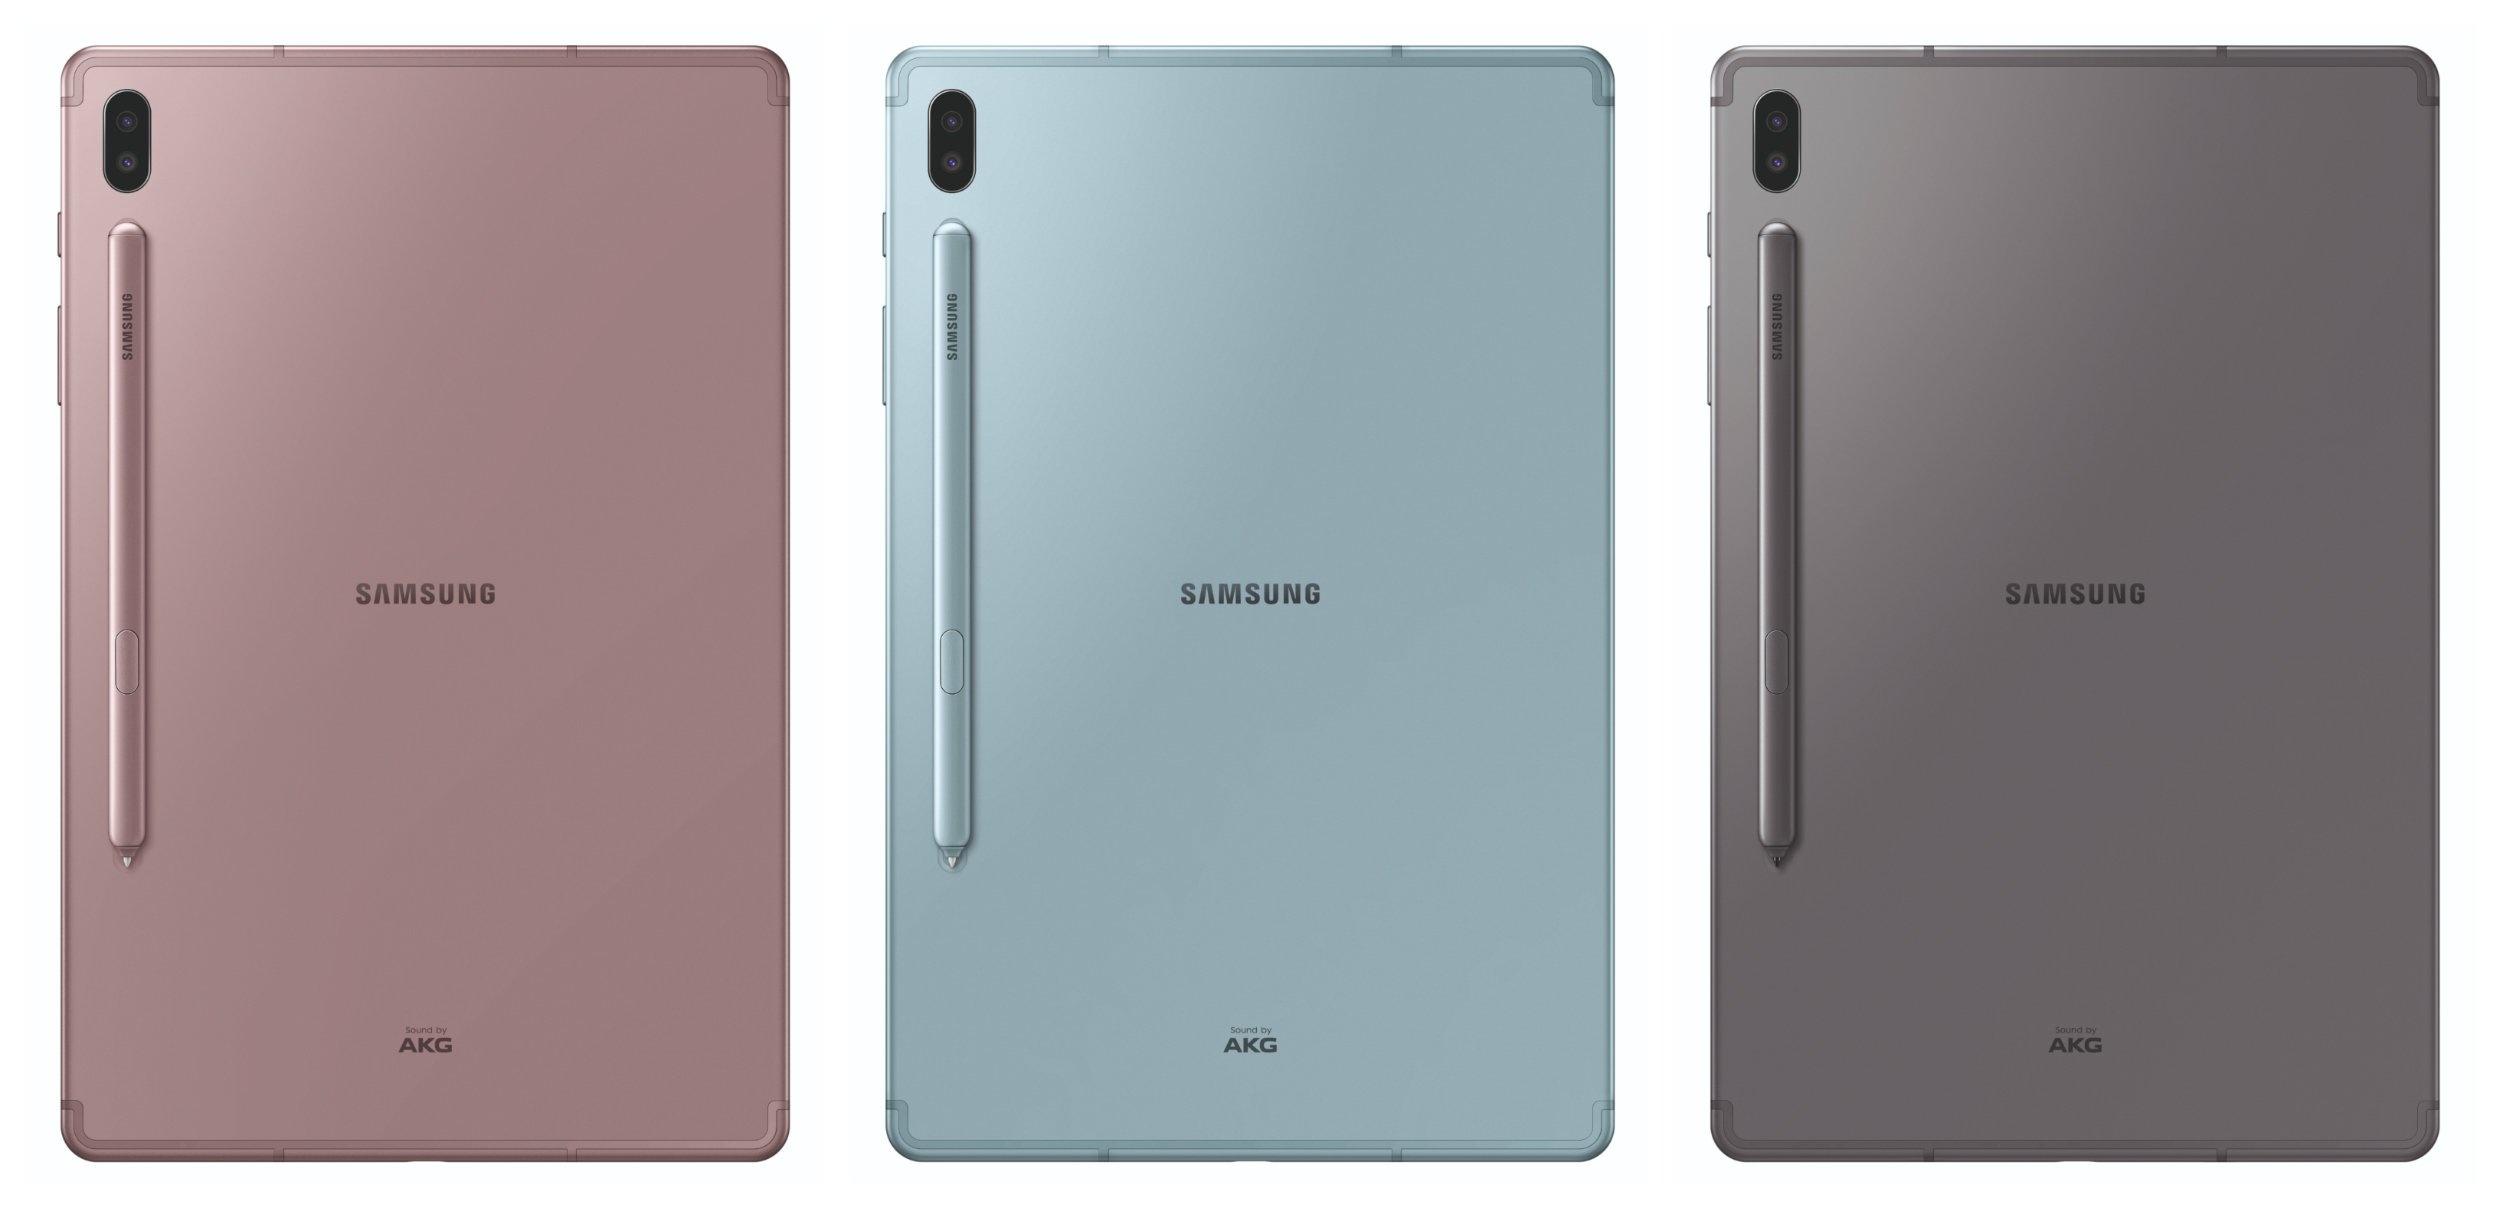 Samsung Galaxy Tab S7: Das wohl beste Tablet auf dem Markt im Angebot